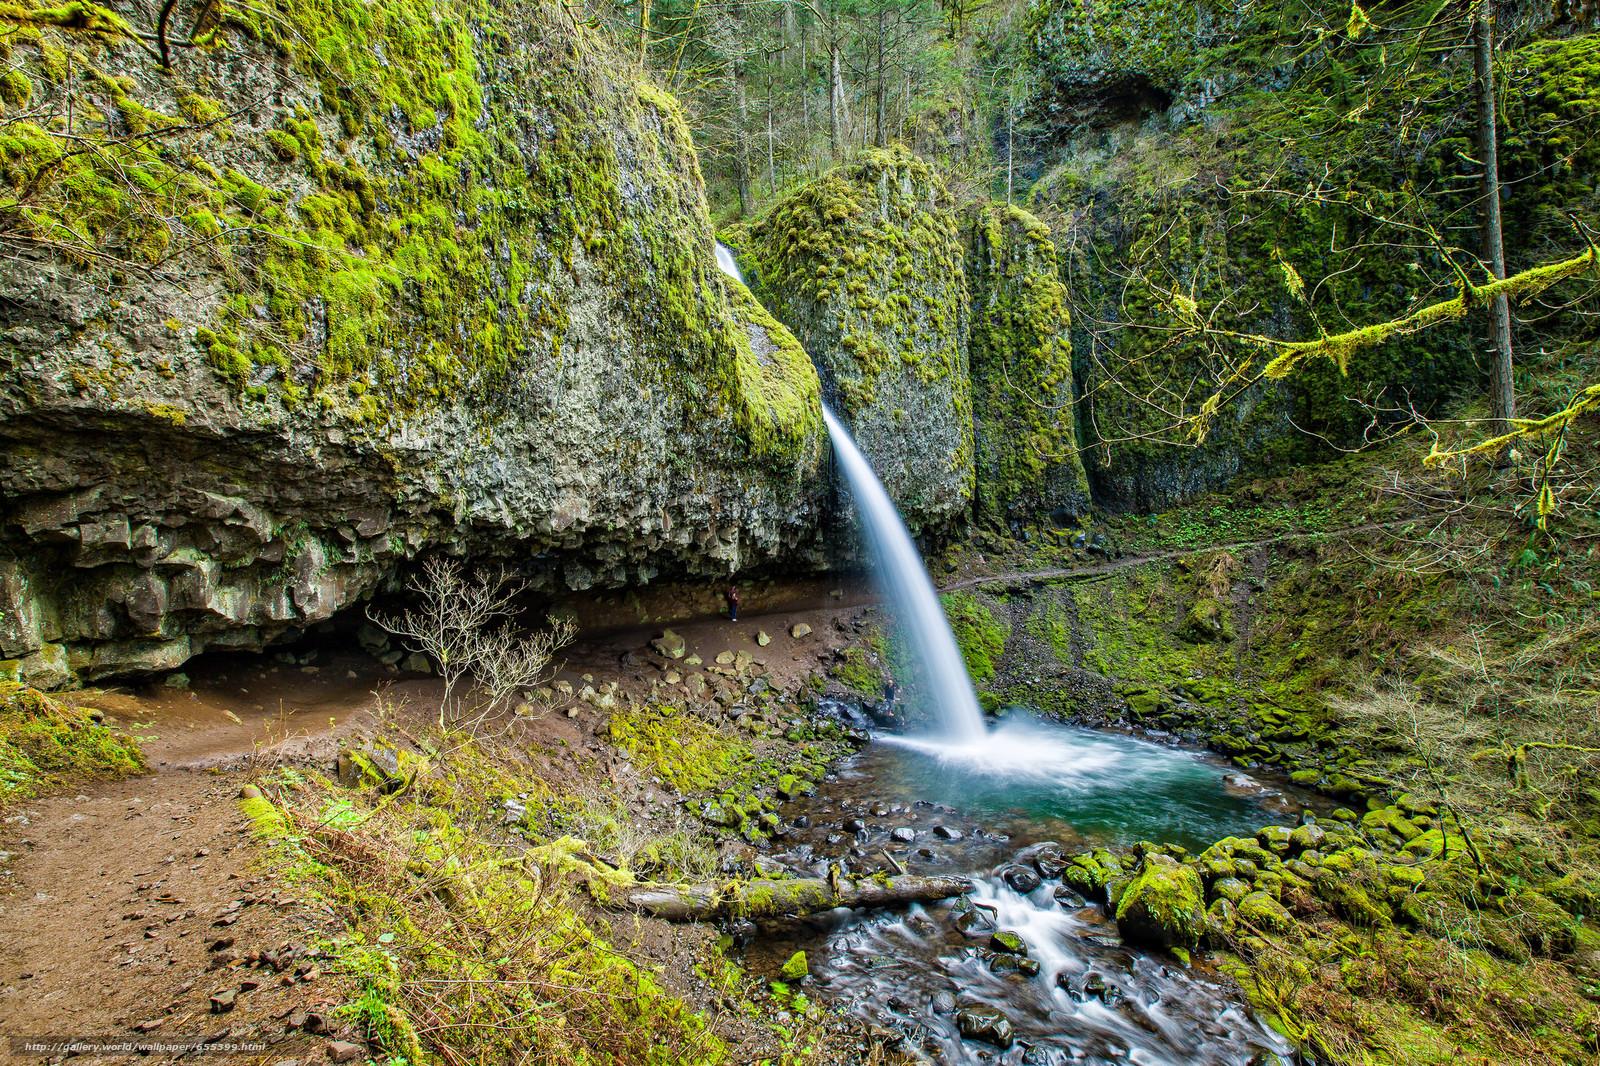 Скачать обои скалы,  водопад,  природа бесплатно для рабочего стола в разрешении 2048x1365 — картинка №655399